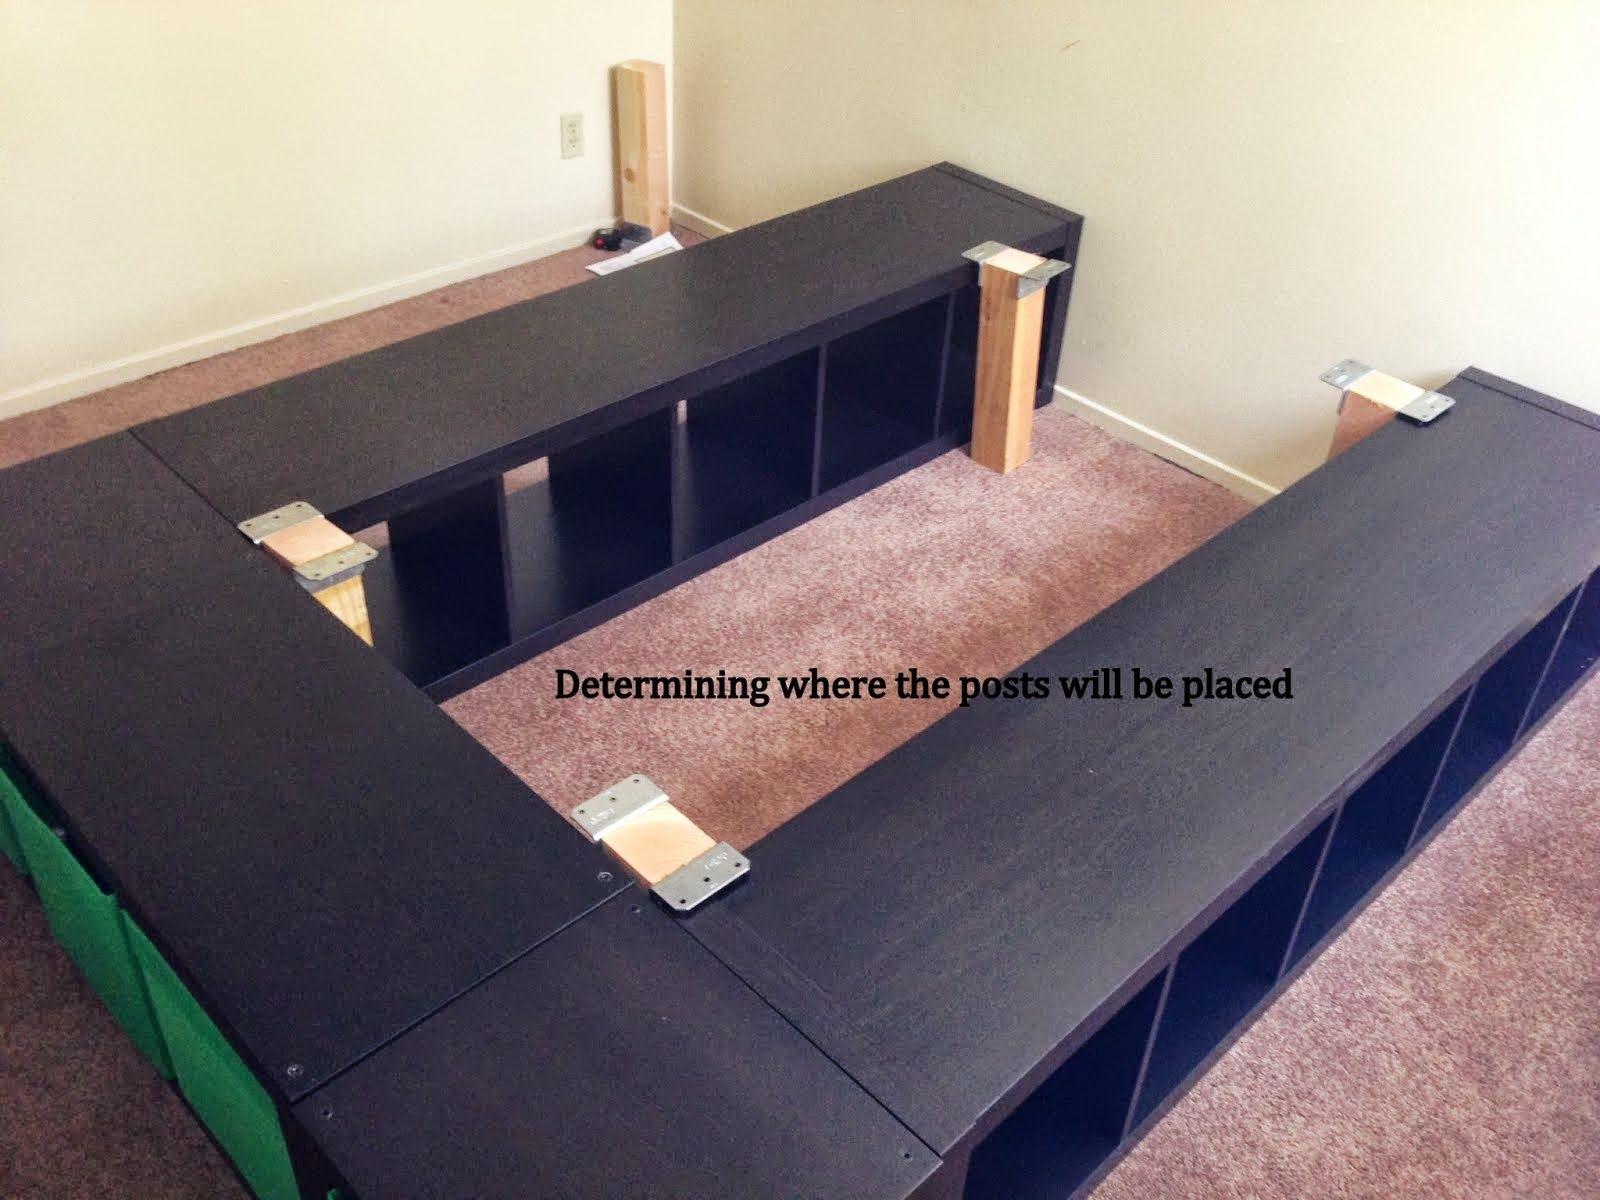 Diy queen platform bed frame - Expedit Queen Platform Bed Ikea Hackers